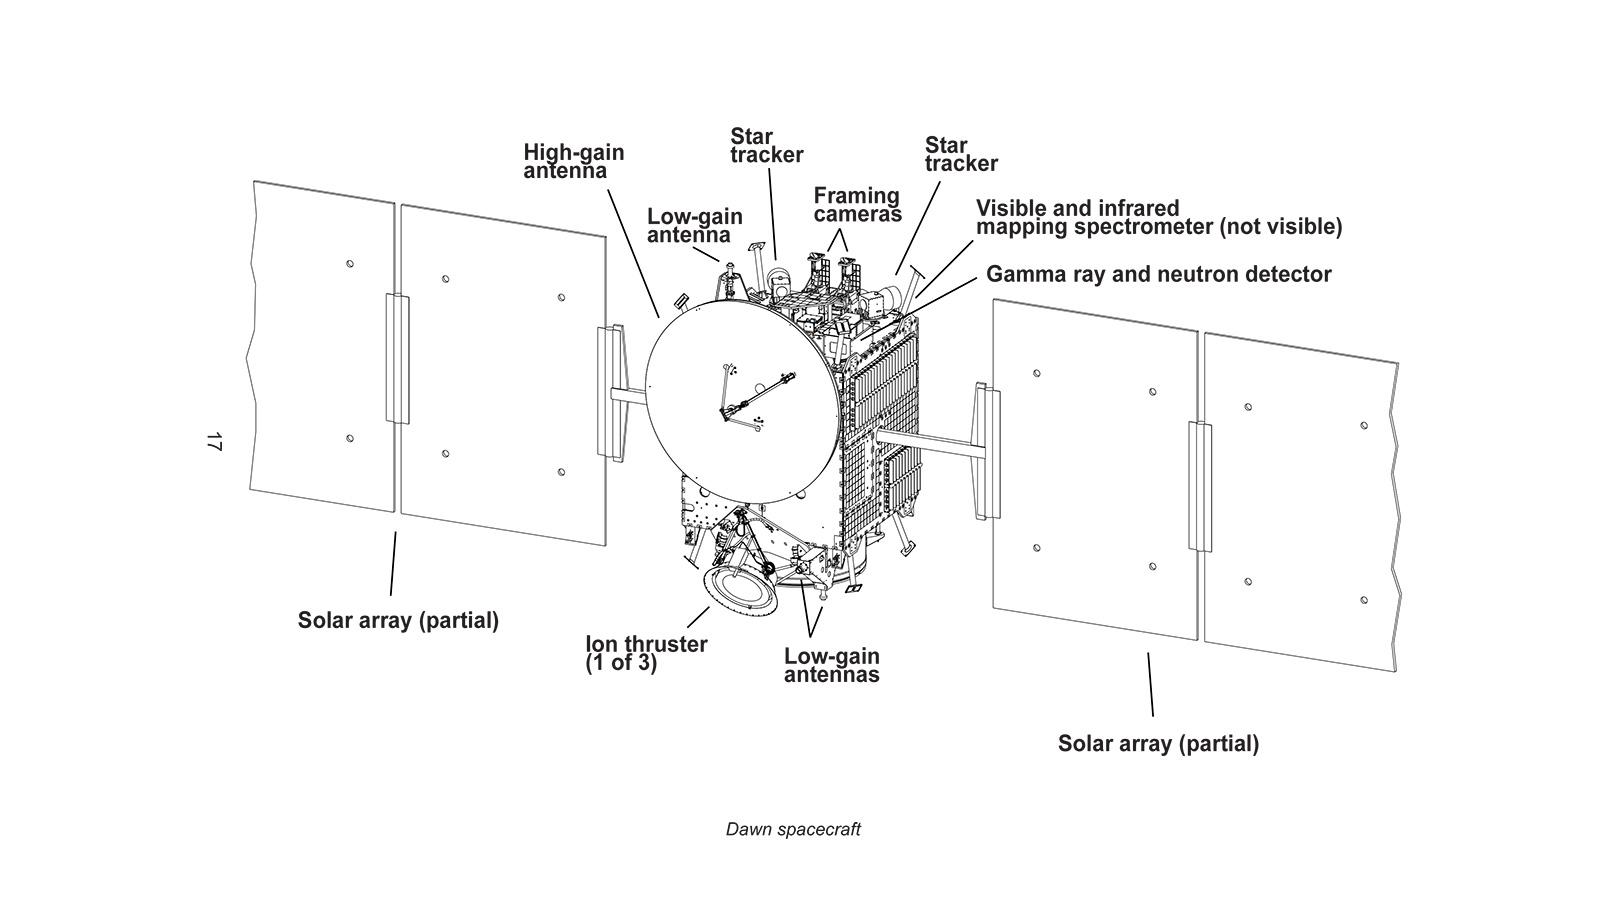 hight resolution of dawn spacecraft diagram